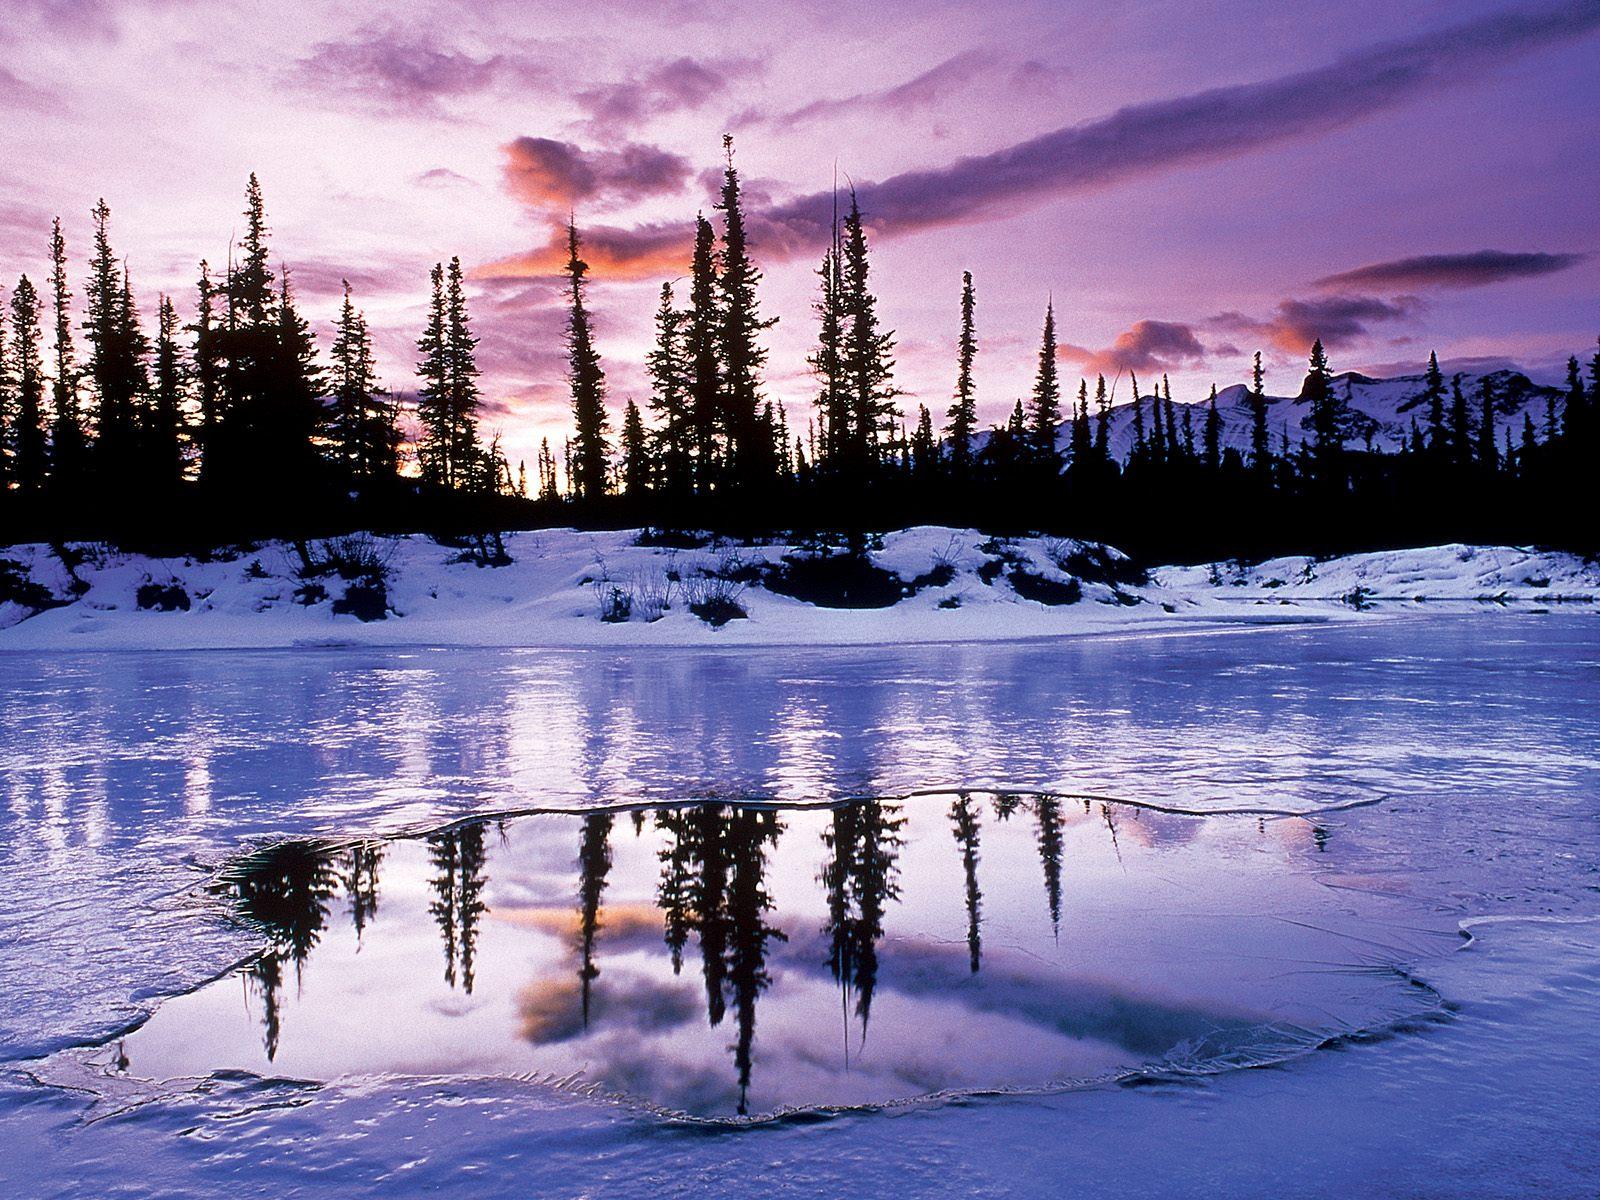 xem ảnh phong cảnh mùa đông